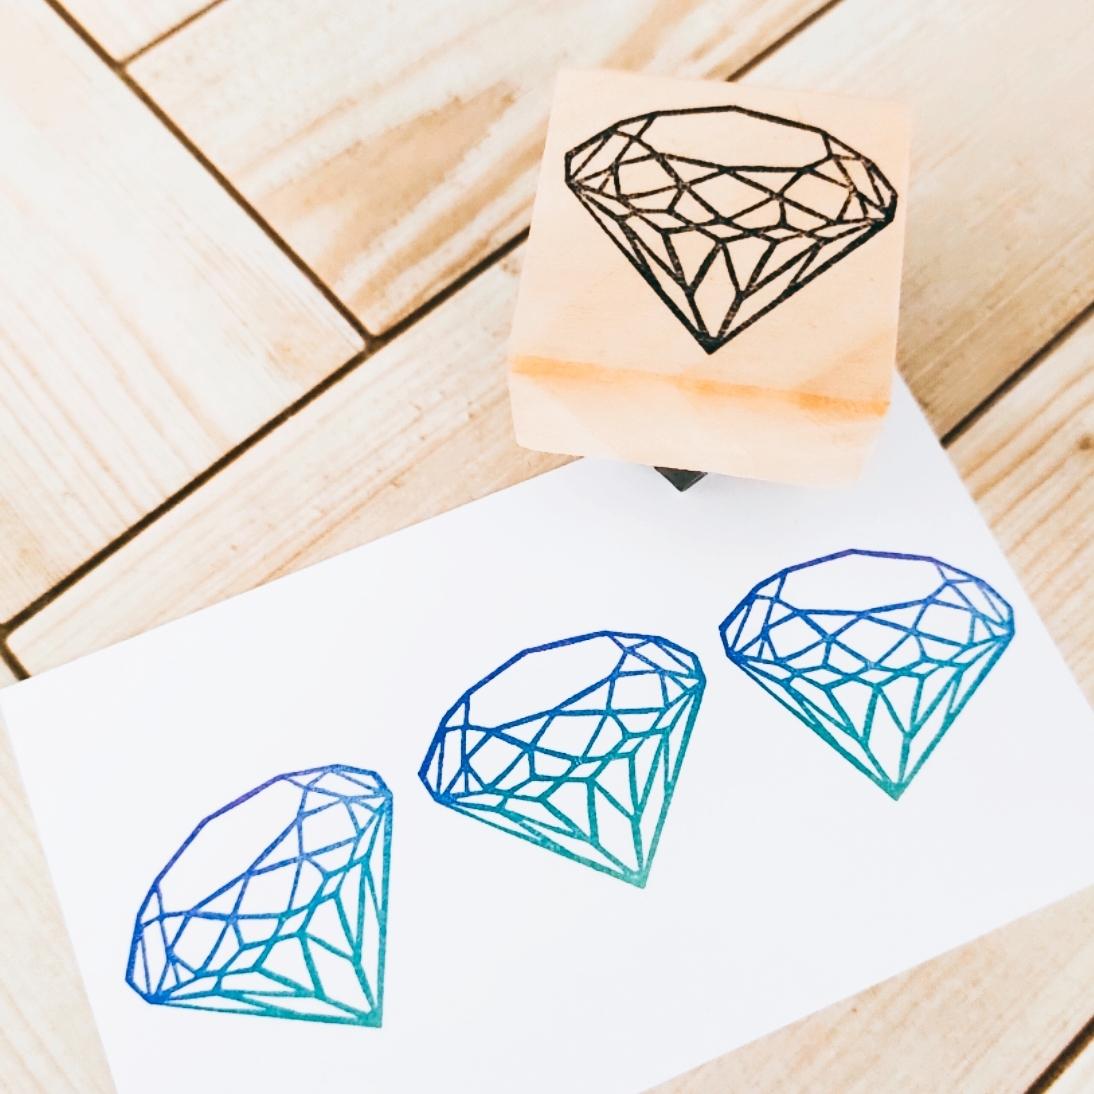 カットダイヤモンド1